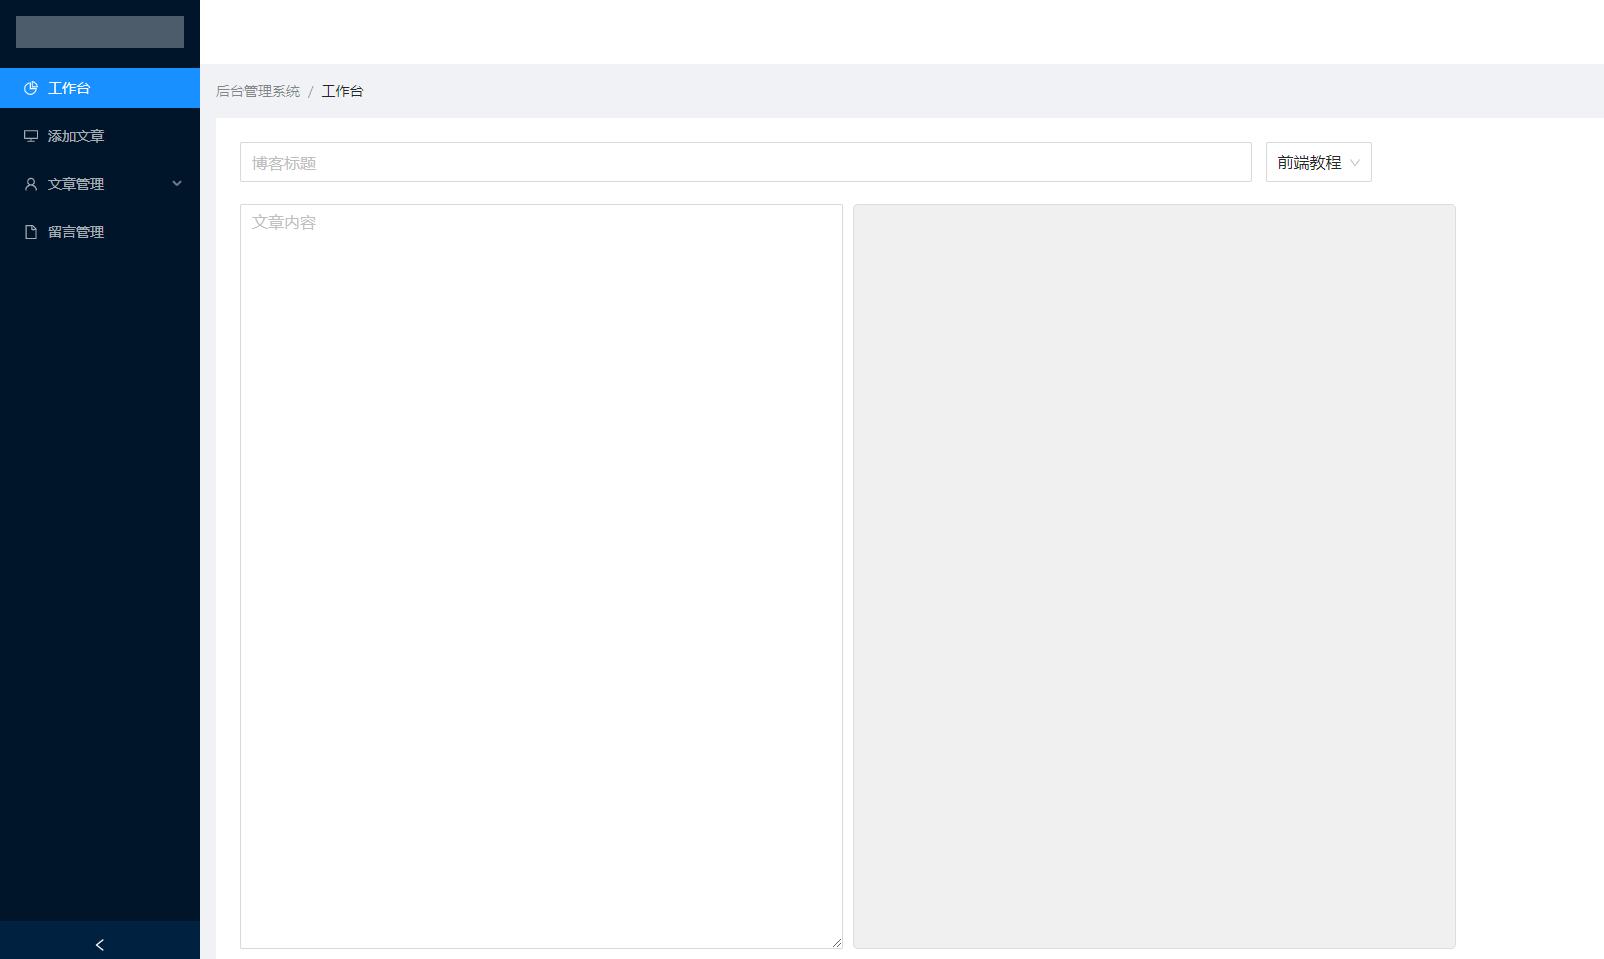 后台管理系统开发05-添加文章页面UI制作(一)